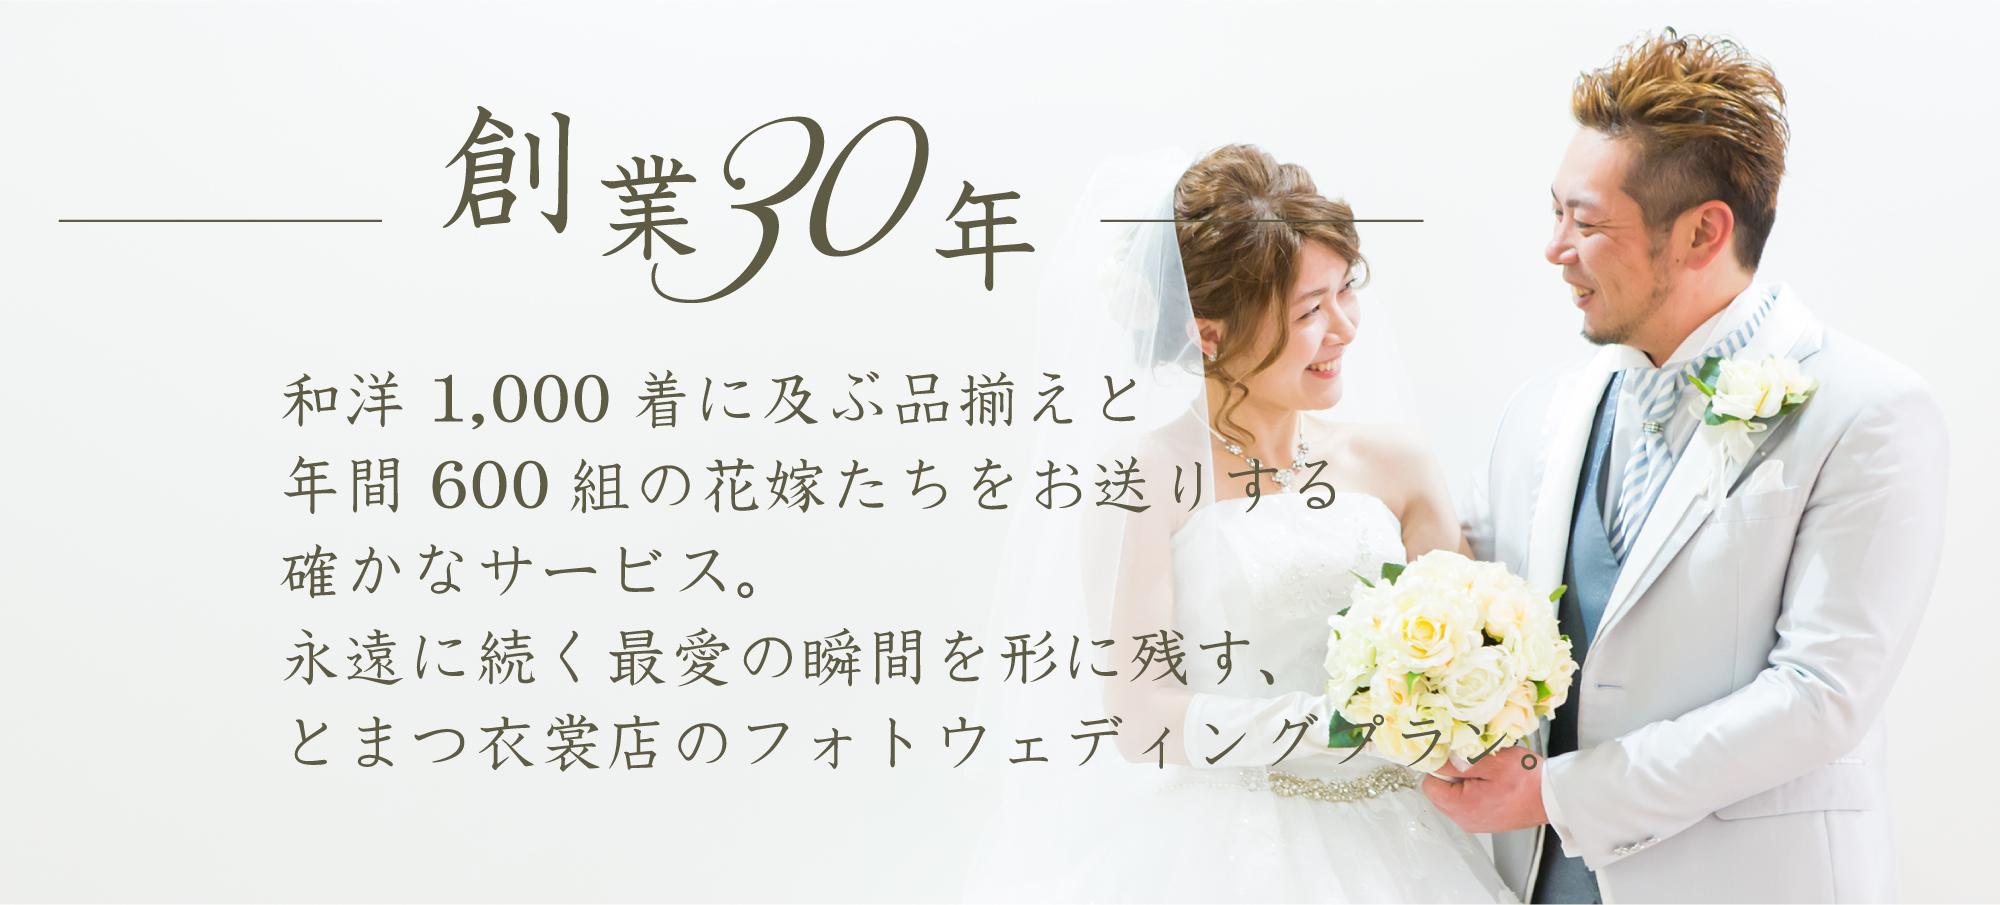 創立30周年